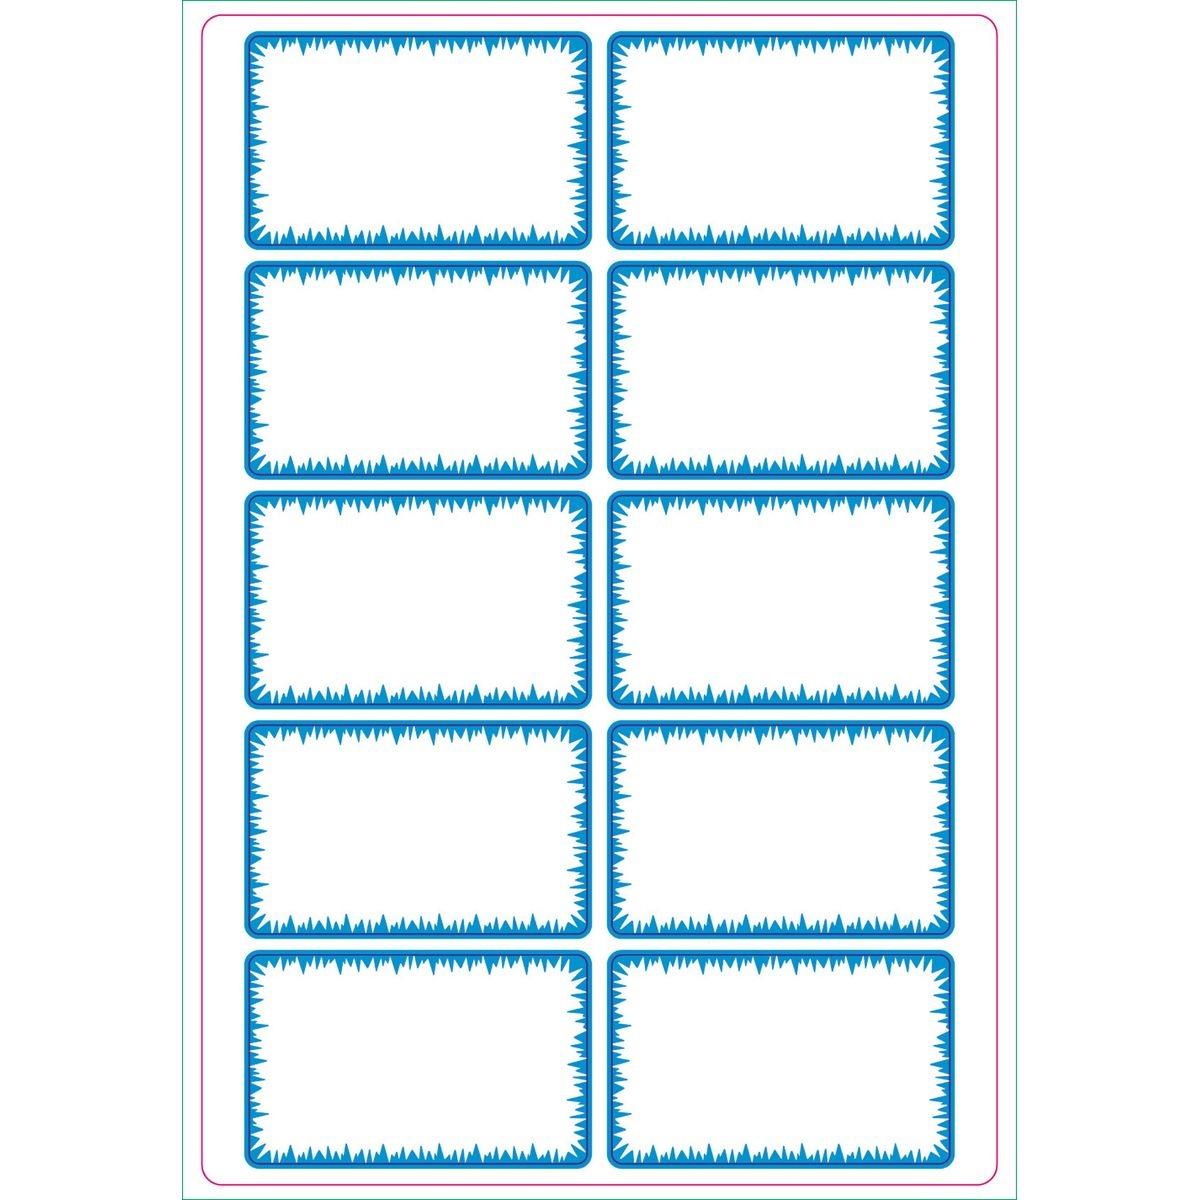 Etykiety opisowe samoprzylepne - biało-niebieskie (837039)